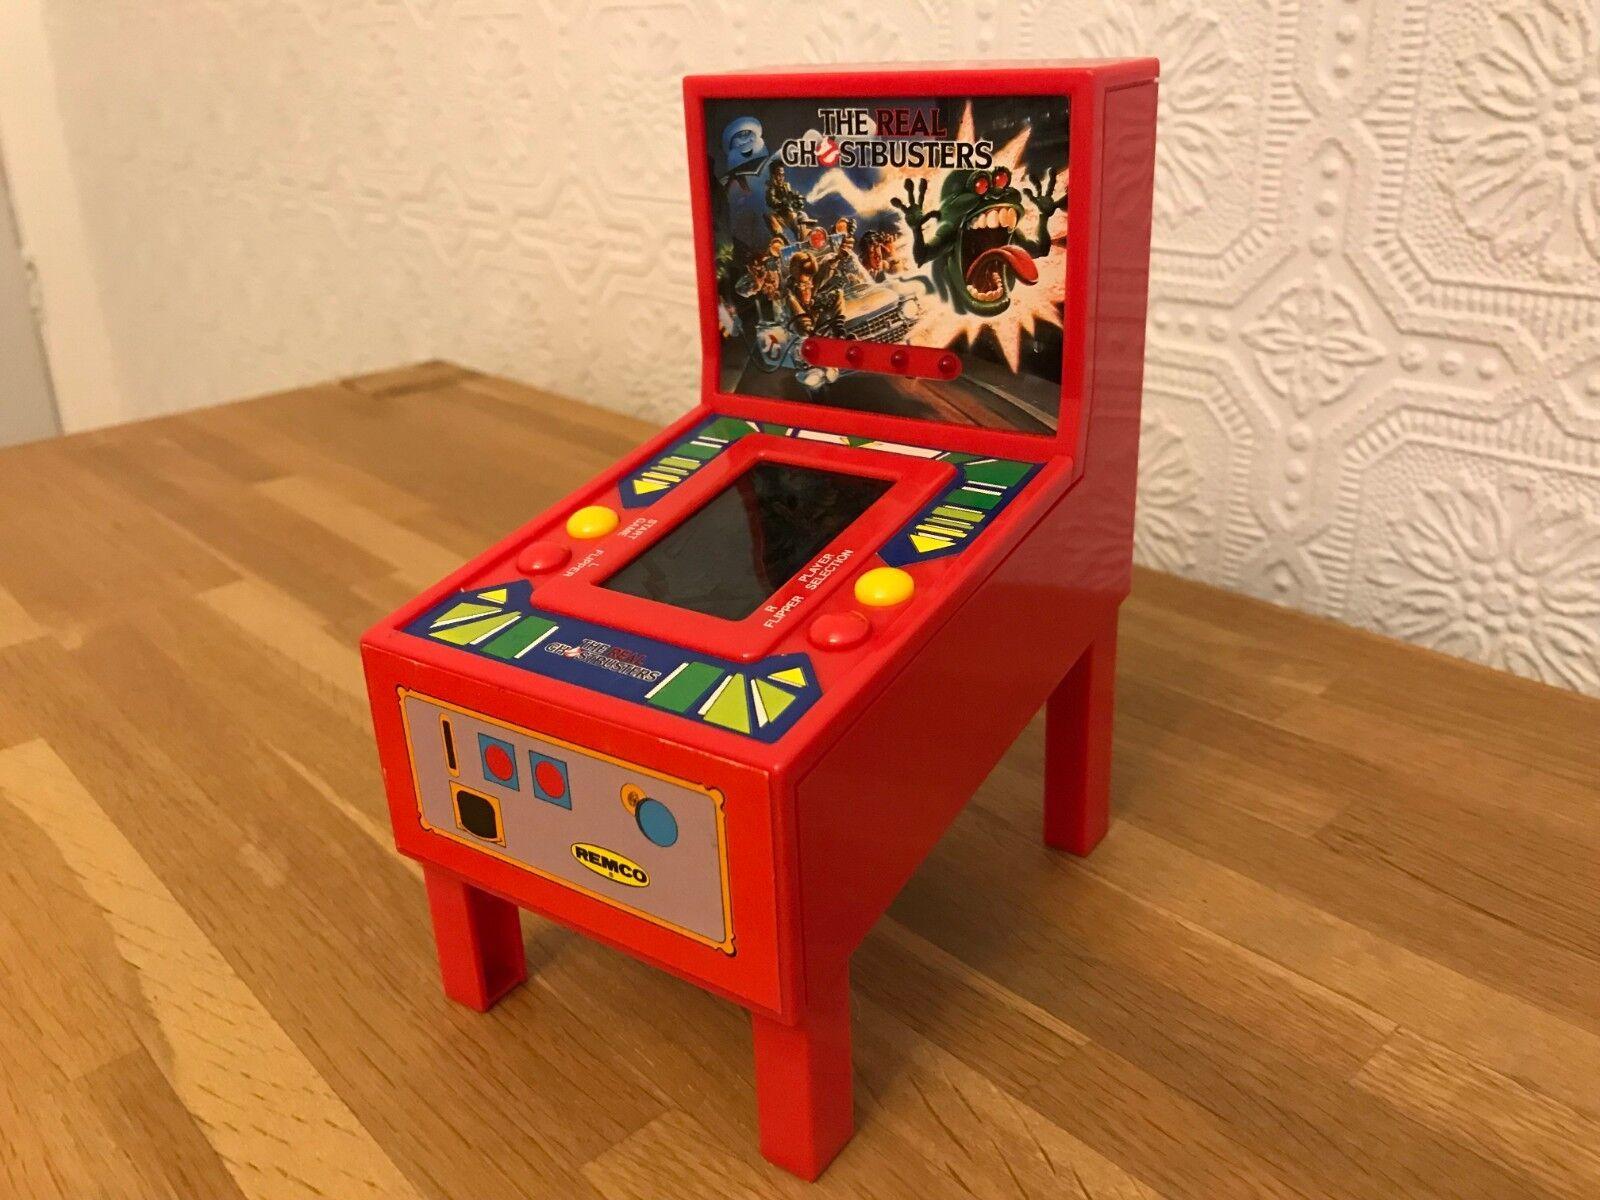 Ultra Raro Remco Ghostbusters 1989 Vintage LCD portátil juego electrónico Nr Menta.